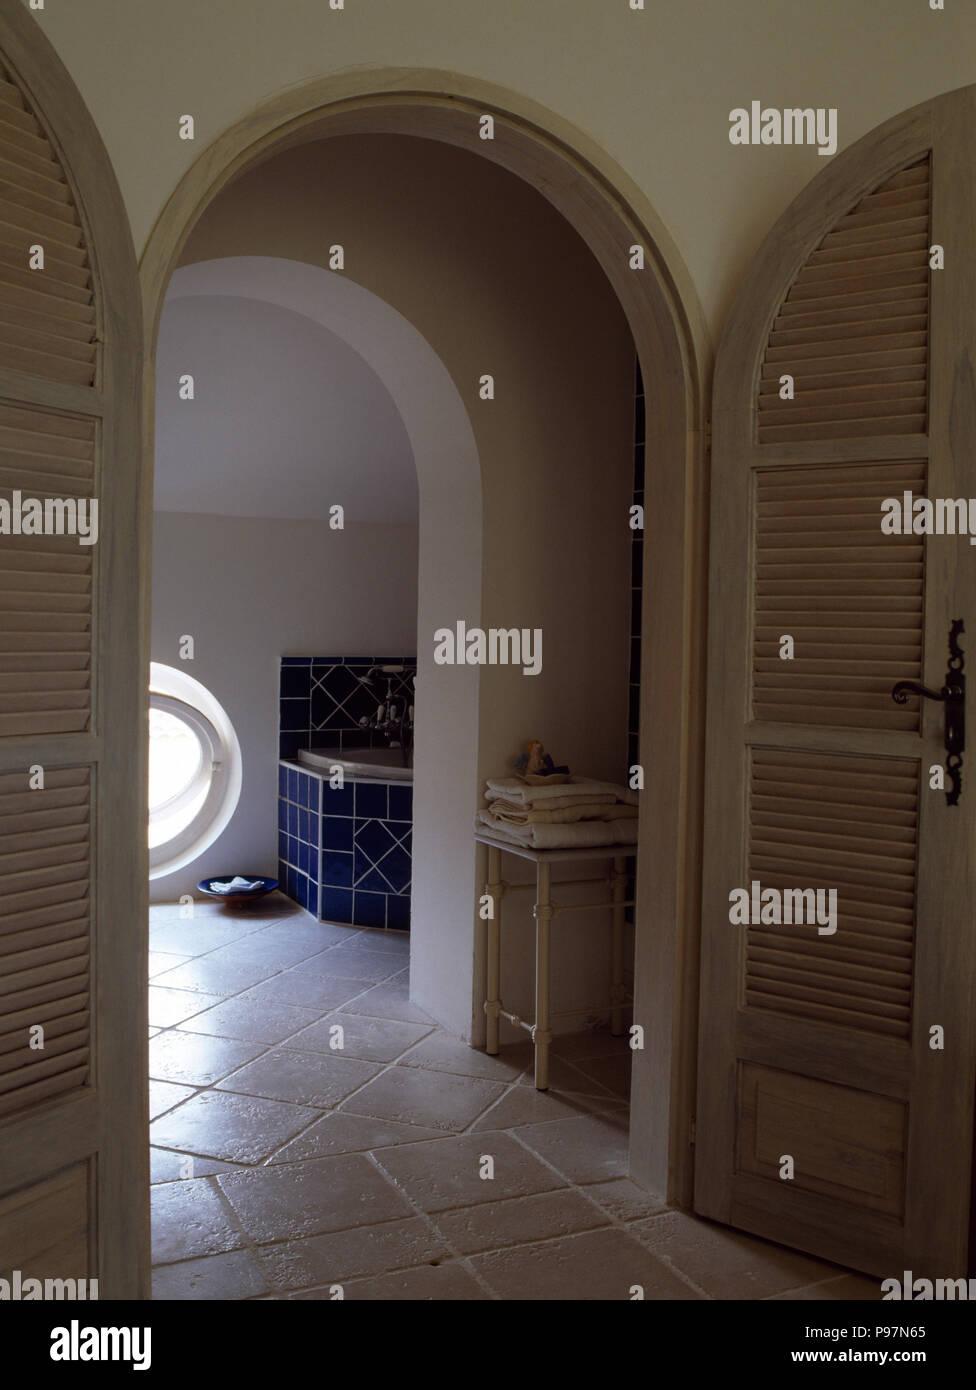 Salle De Bain Provencale portes cintrées, d'une salle de bains privative avec